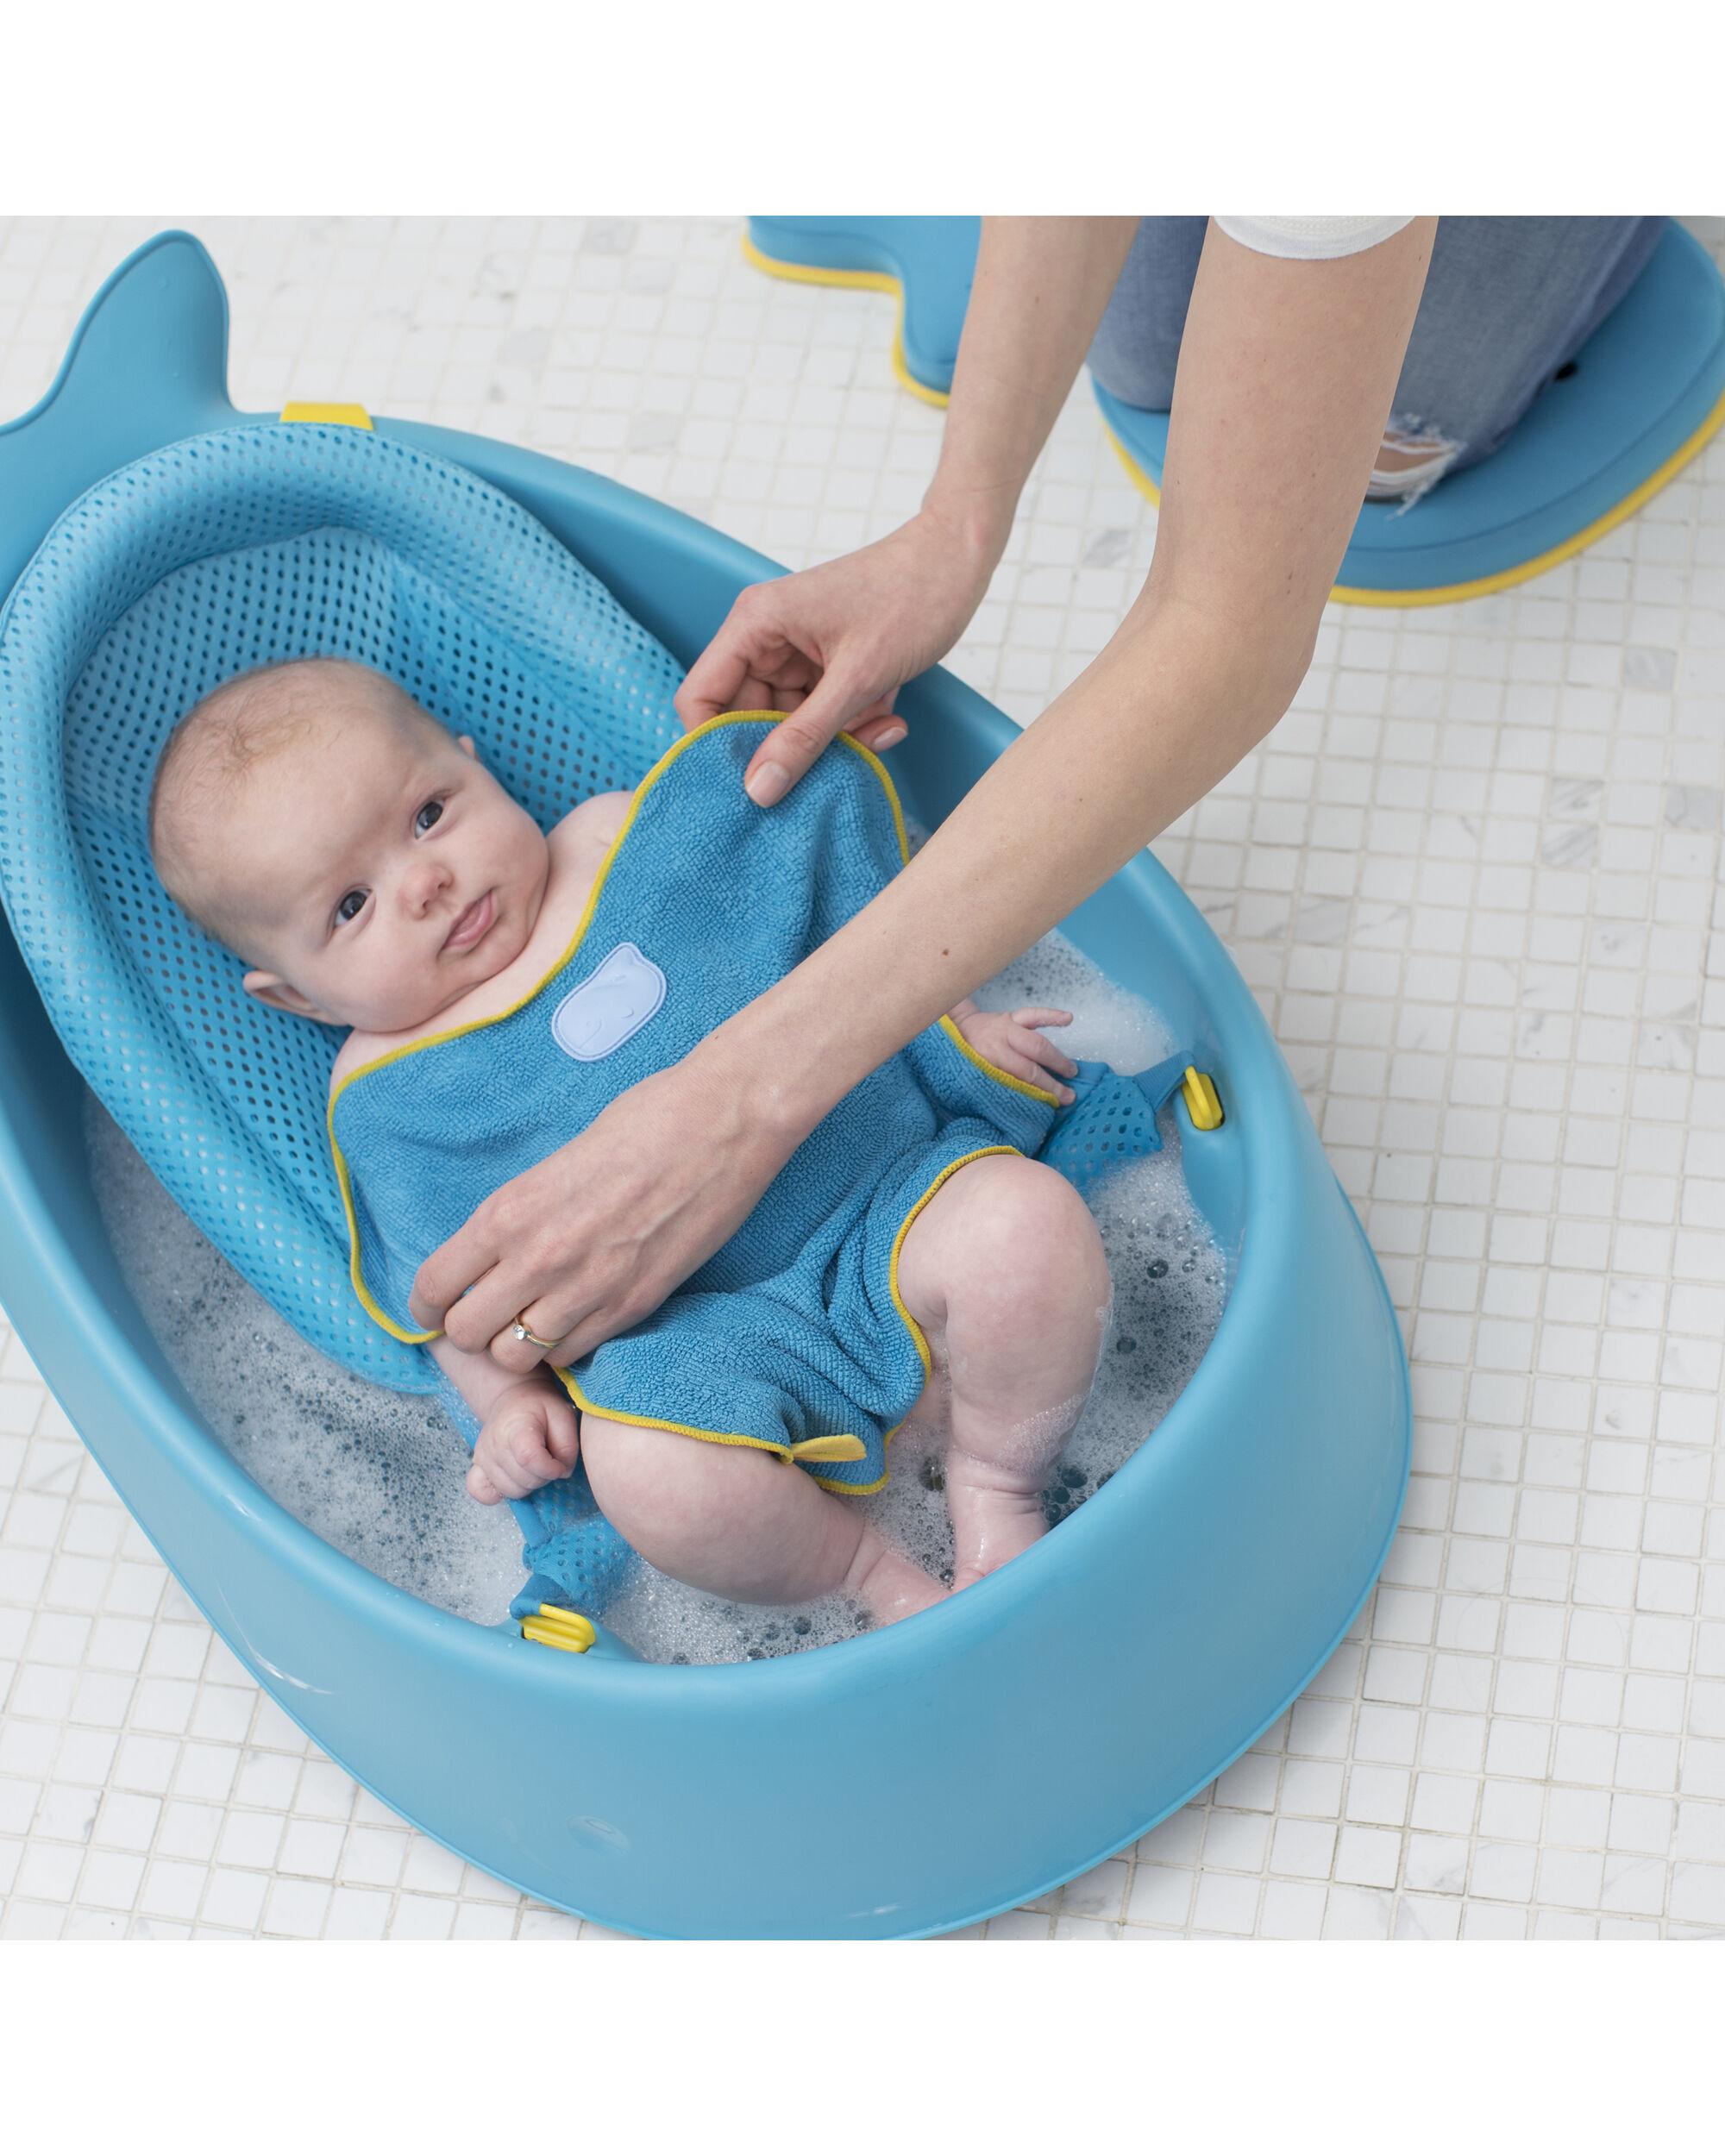 Moby Warm-Up Bath Cuddler   Skiphop.com